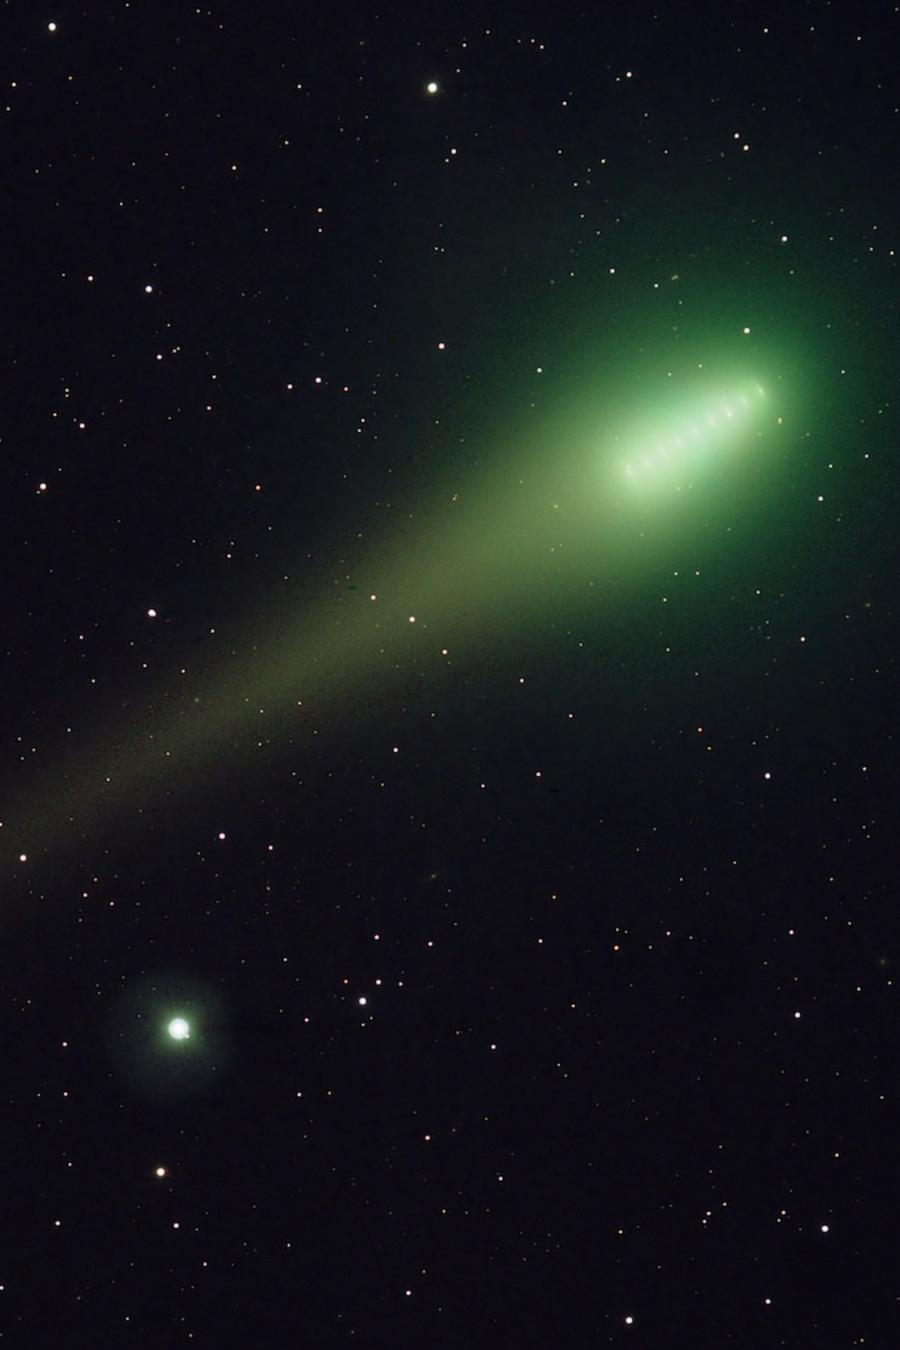 Cometa verde con fondo de estrellas